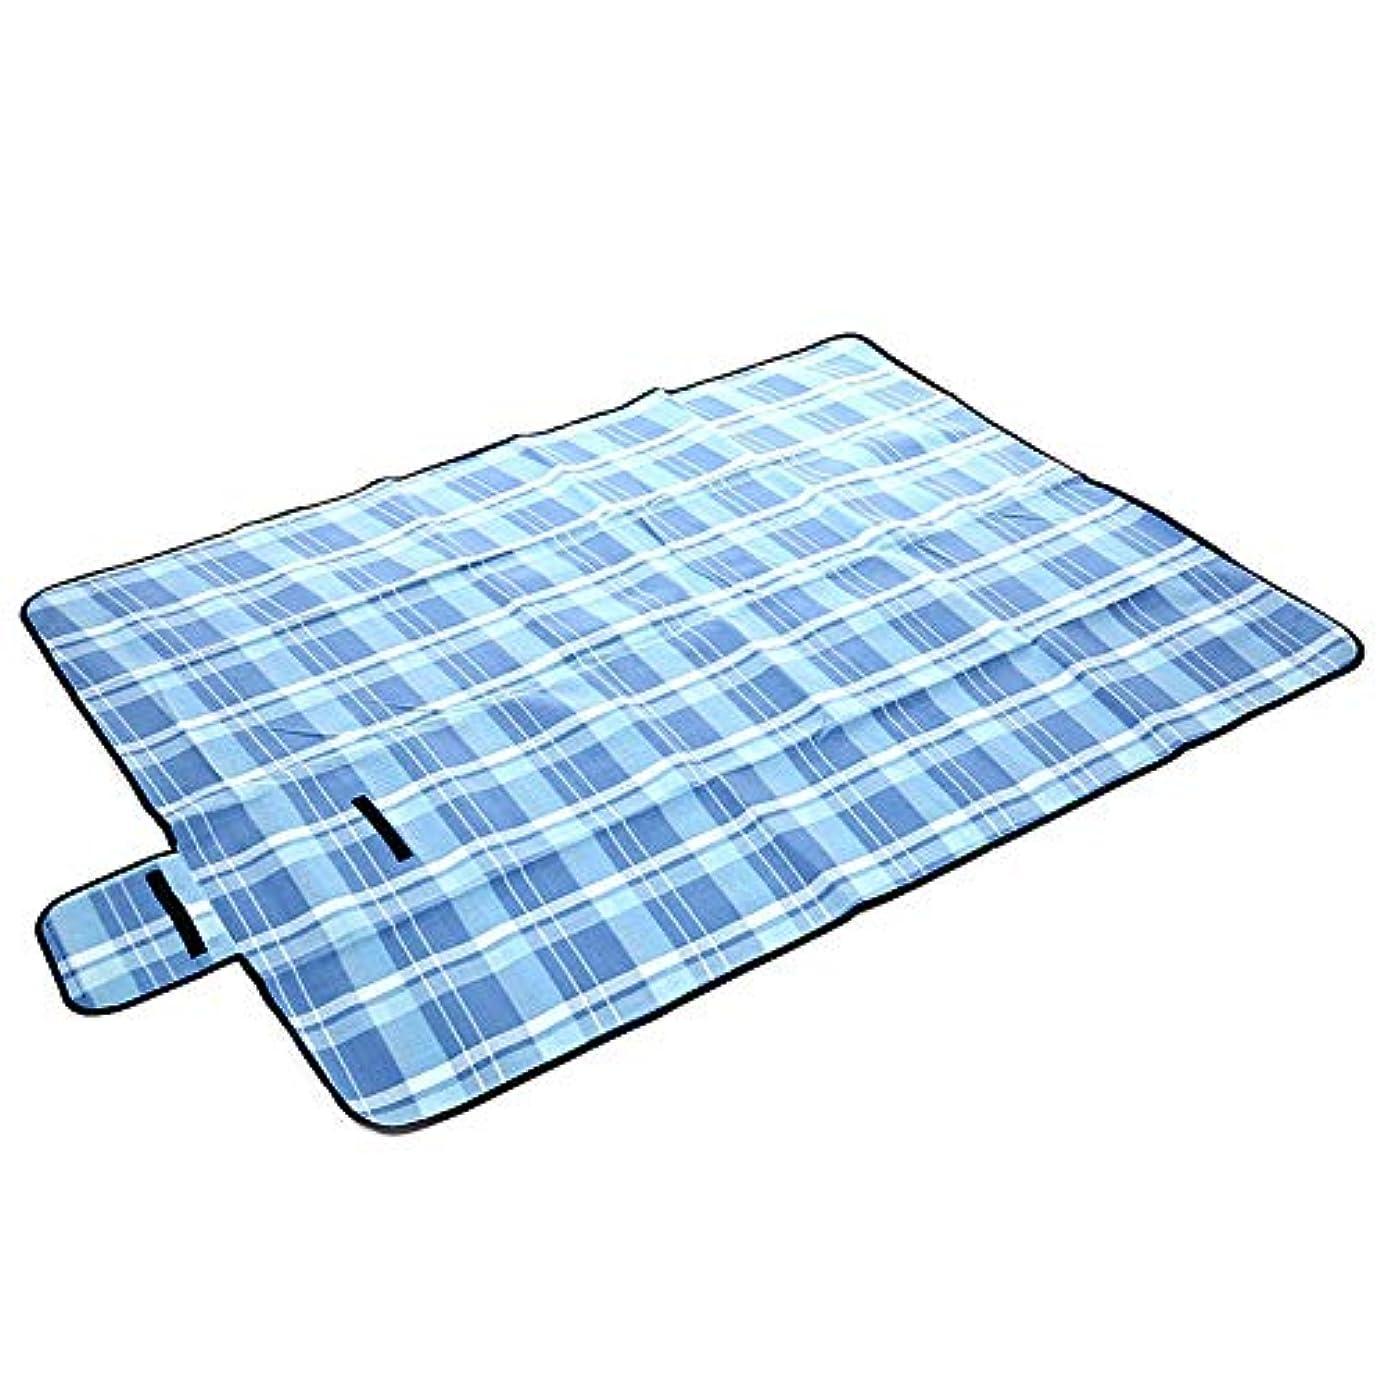 レジャーシートピクニックマット 150x200cm防水折りたたみ式屋外キャンプマットピクニックマットチェック柄ビーチブランケットベビークライムブランケットマルチプレイヤーツーリストマット